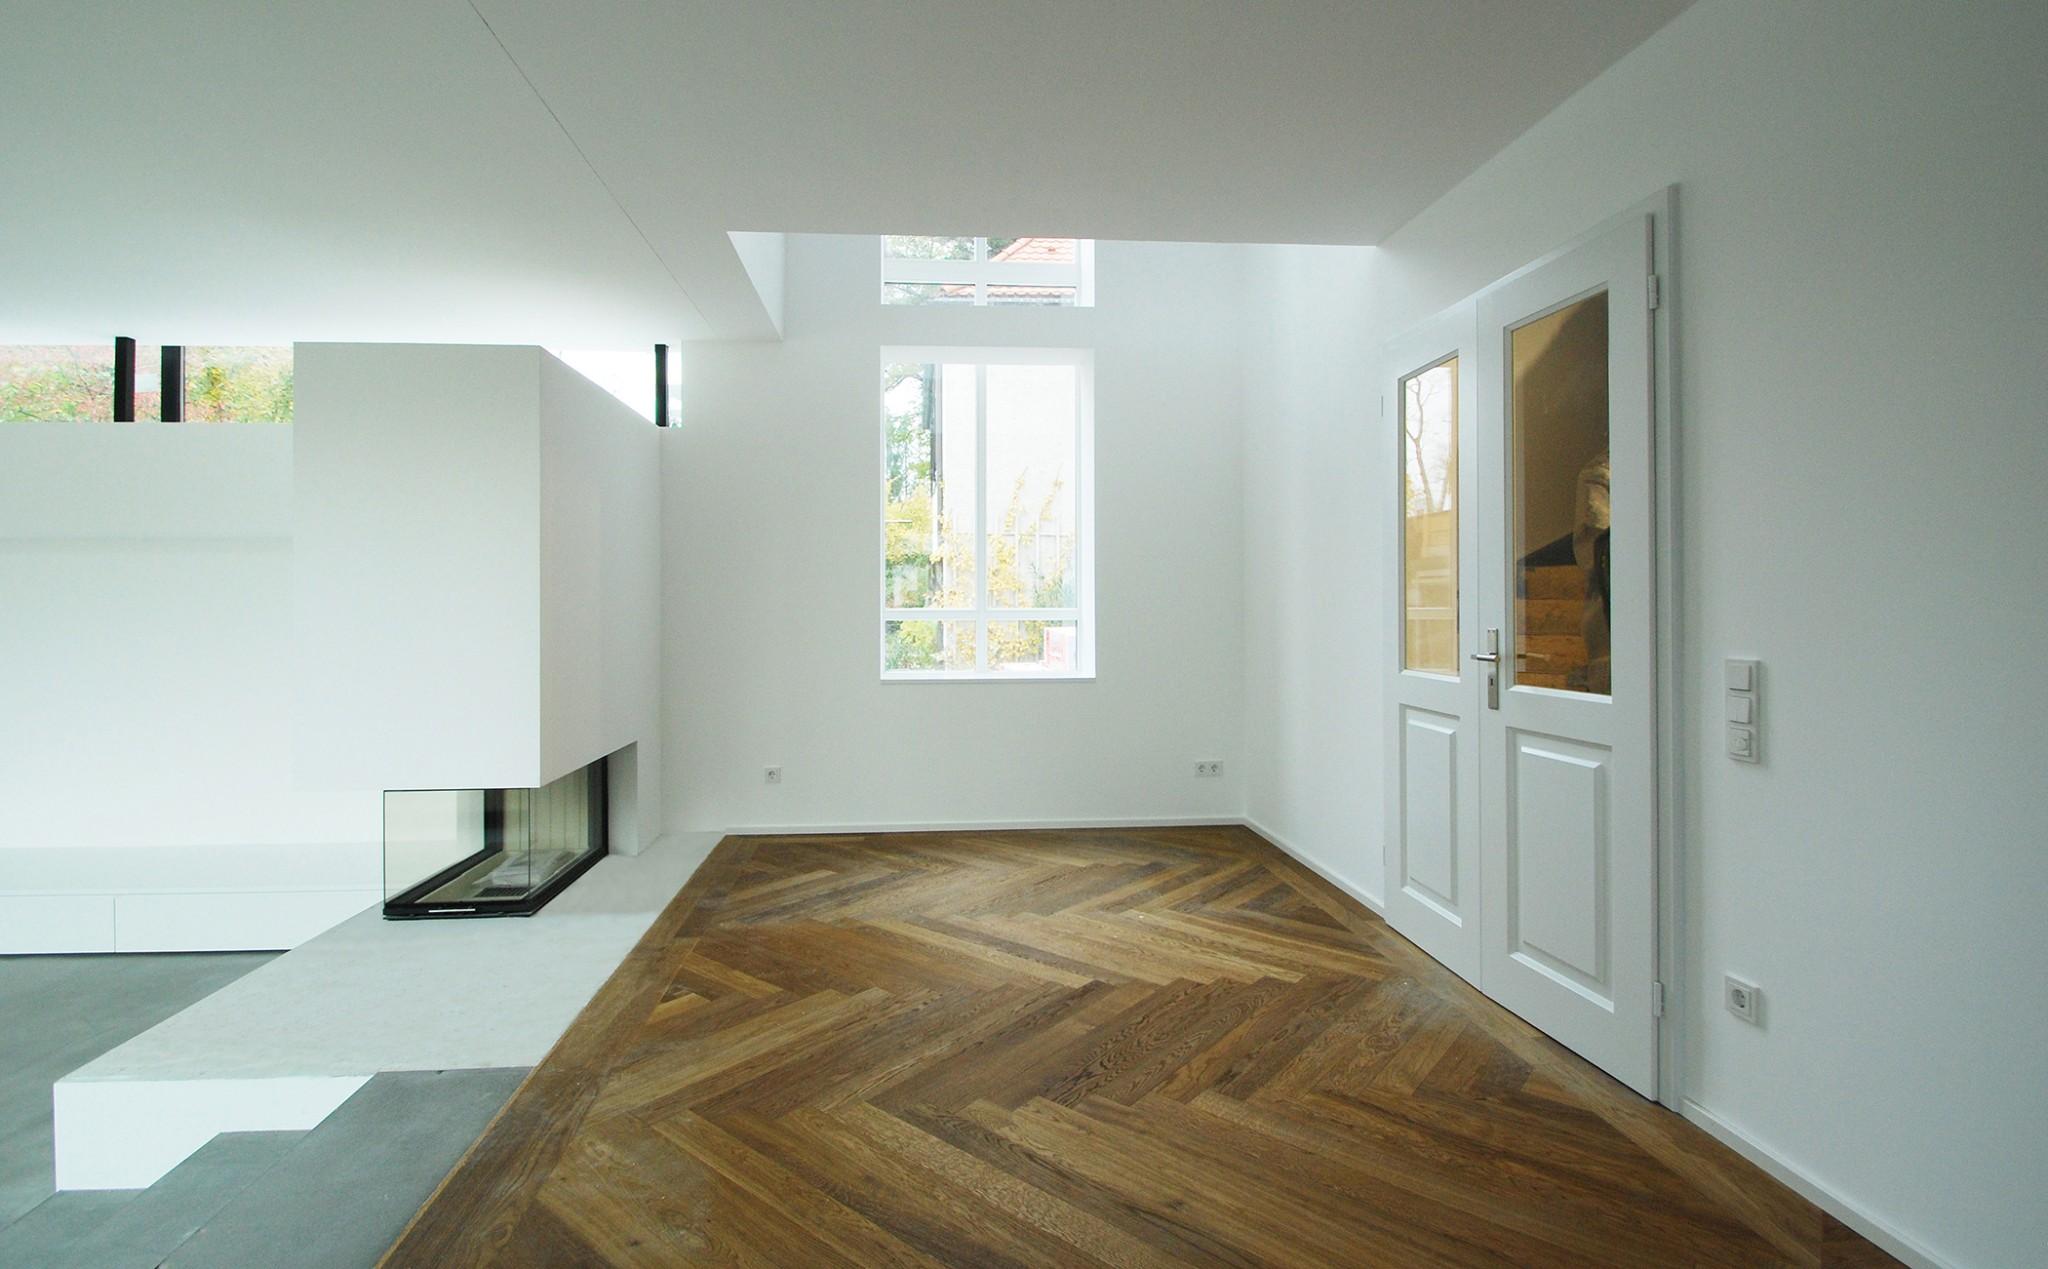 galerie ideen wohnzimmer – Dumss.com